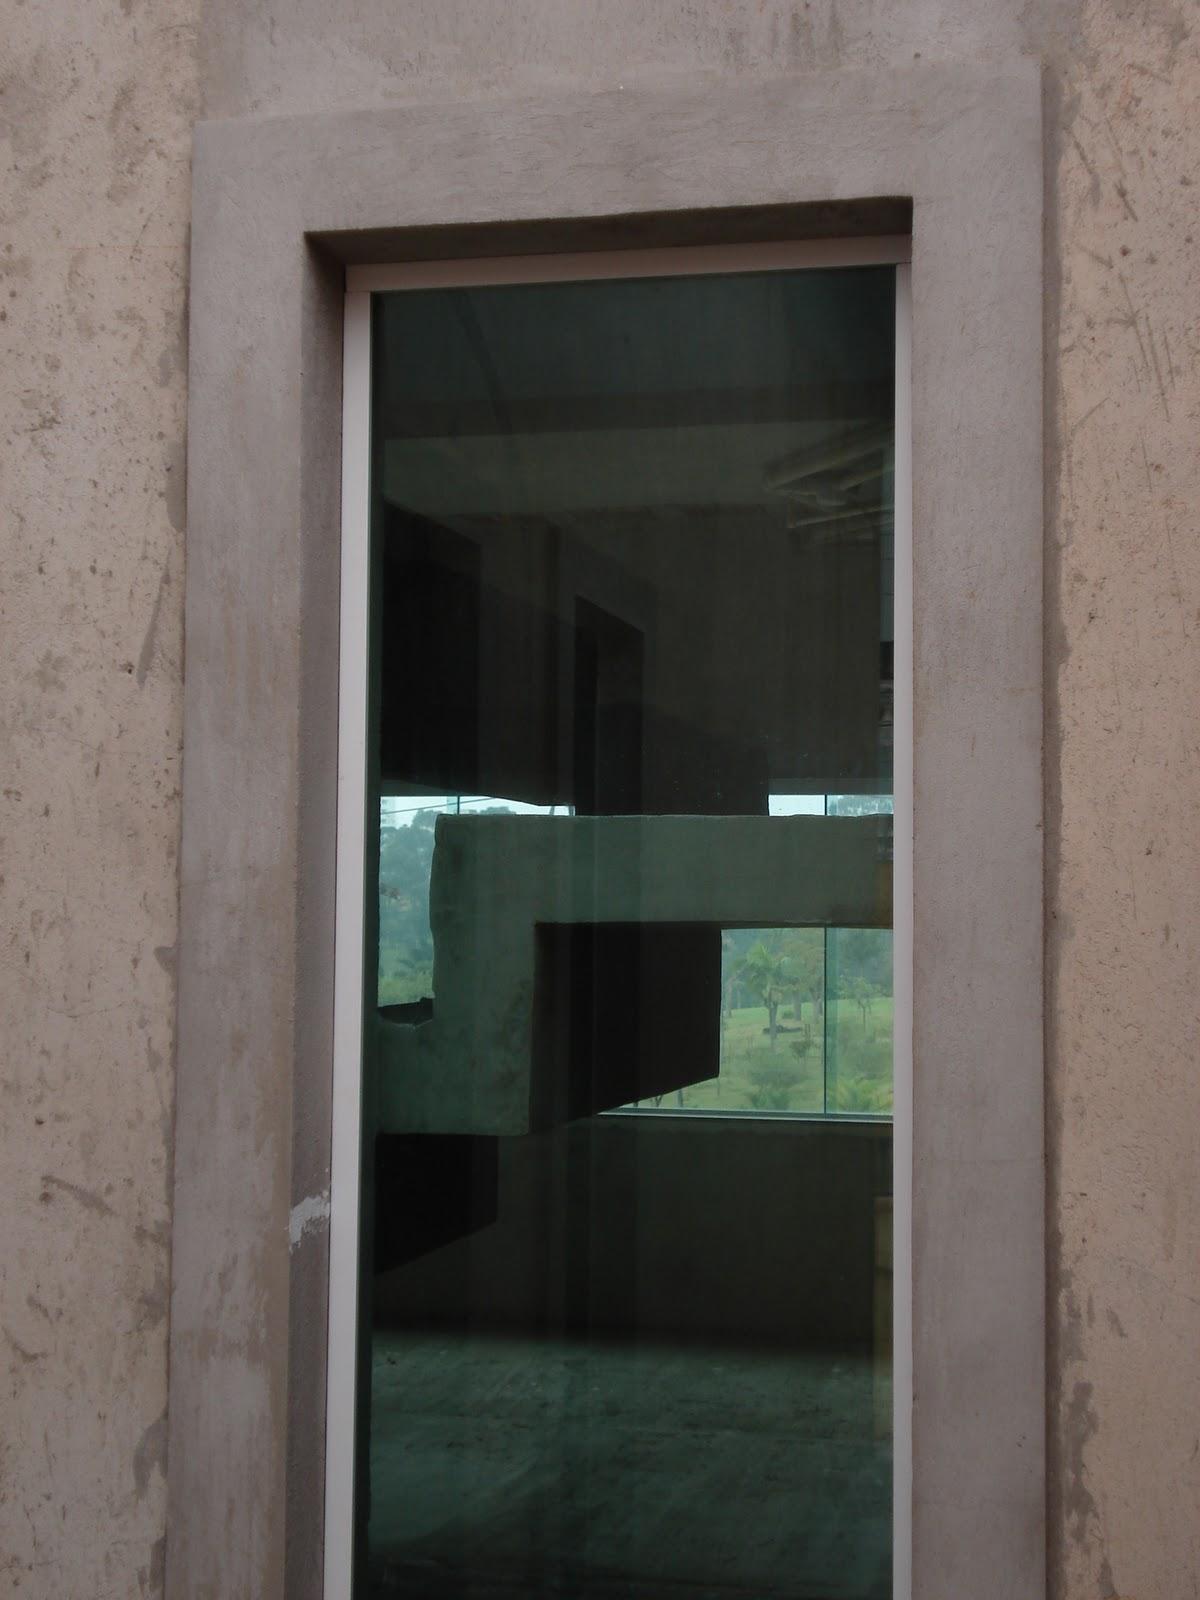 #507B7B Nasce uma casa ***** O dia a dia de uma construção: Olhando para  610 Janelas En Vidros